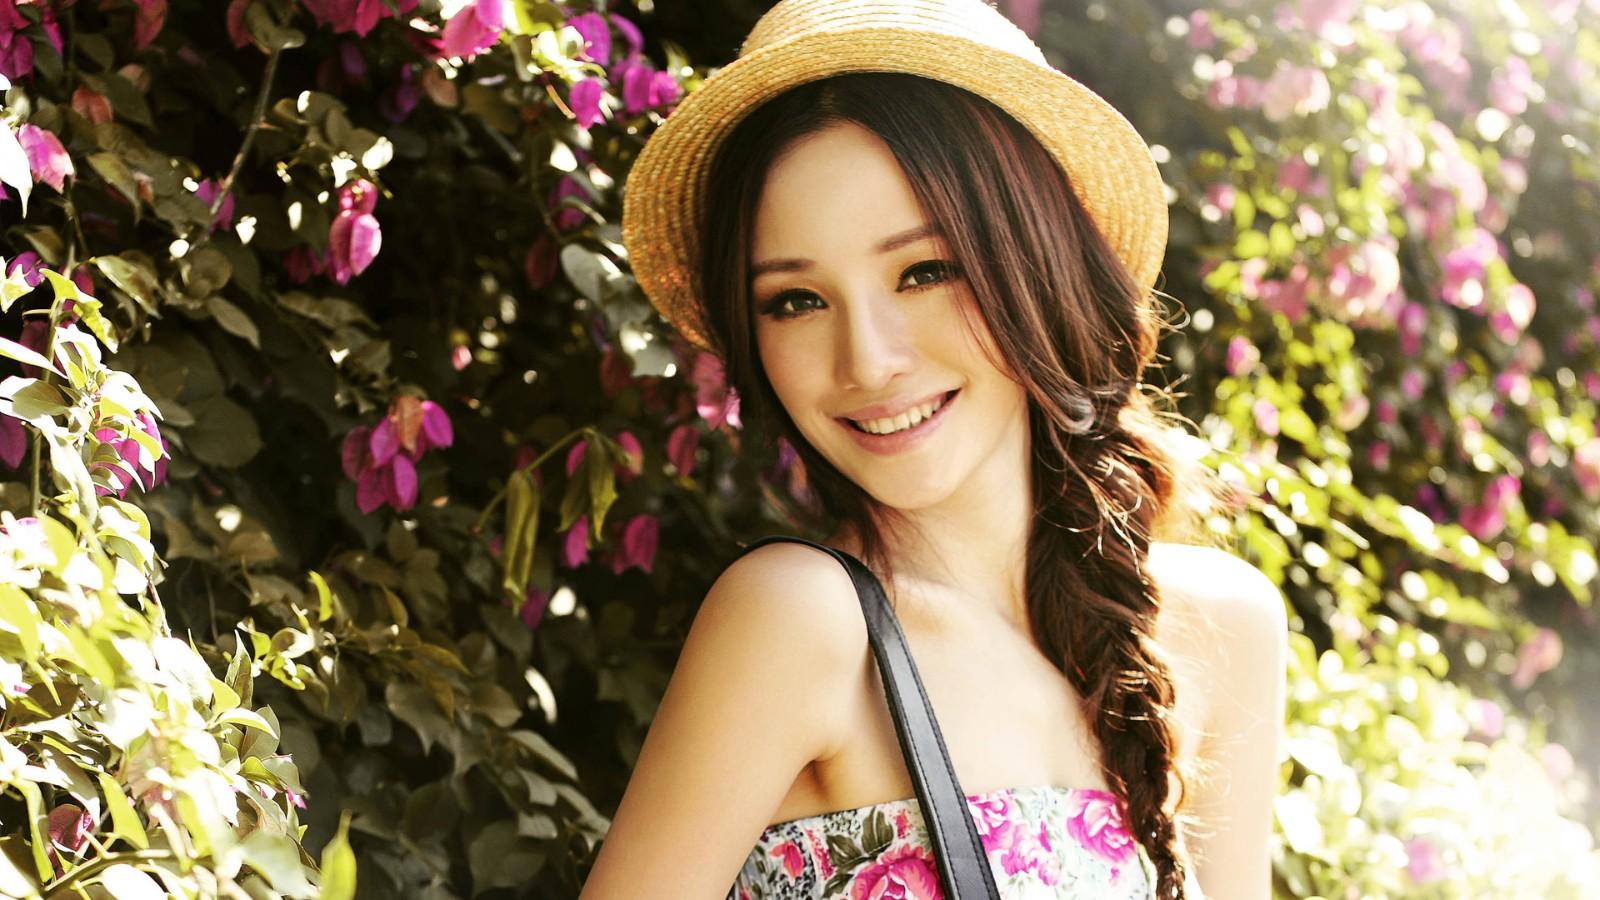 少女,美女,模特小清新,花海,夏日,开心,美女桌面壁纸